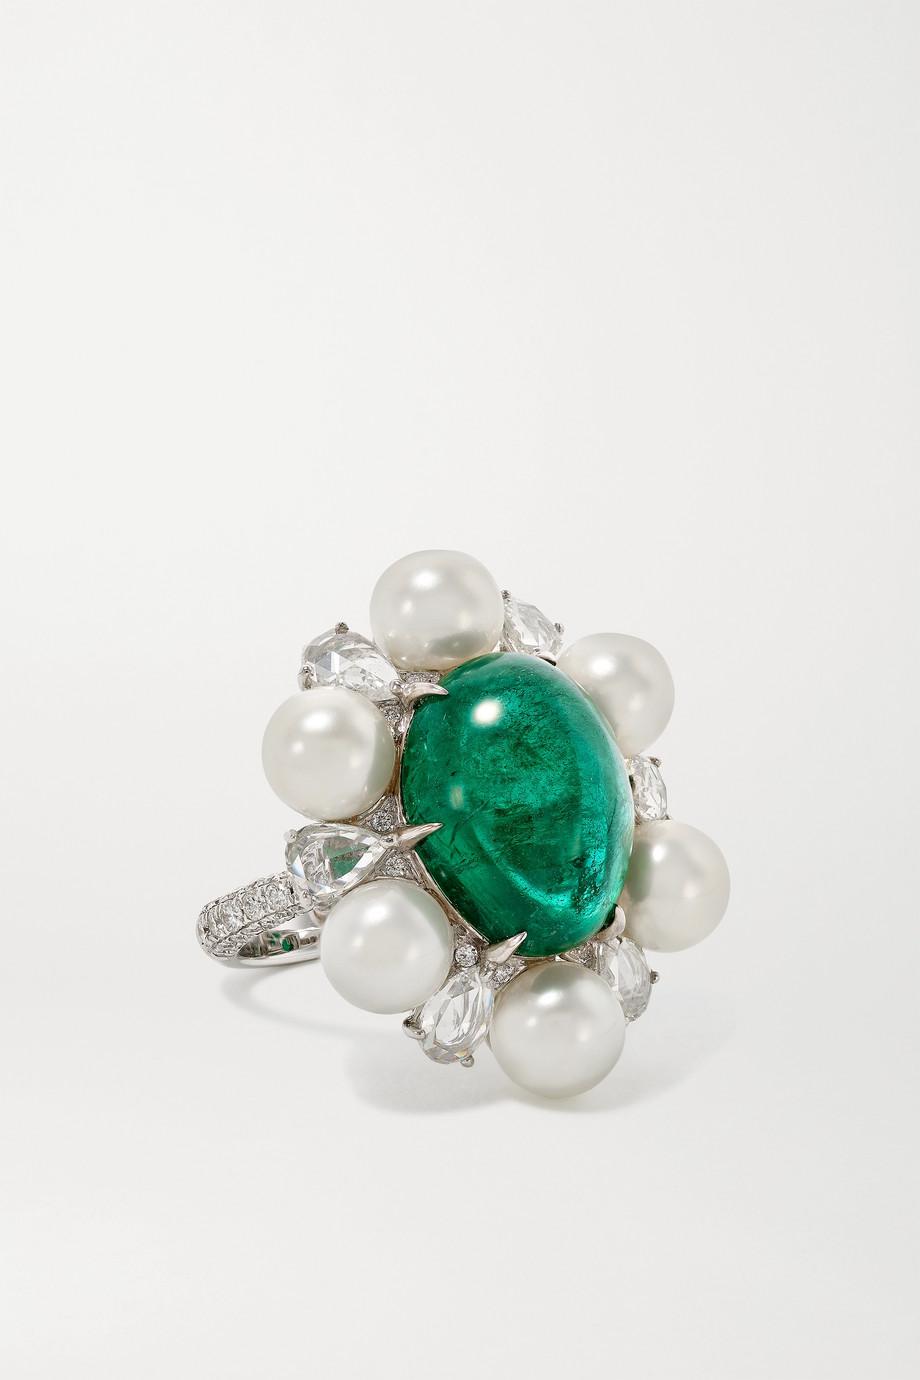 Amrapali Ring aus 18 Karat Weißgold mit Perlen, Smaragd und Diamanten